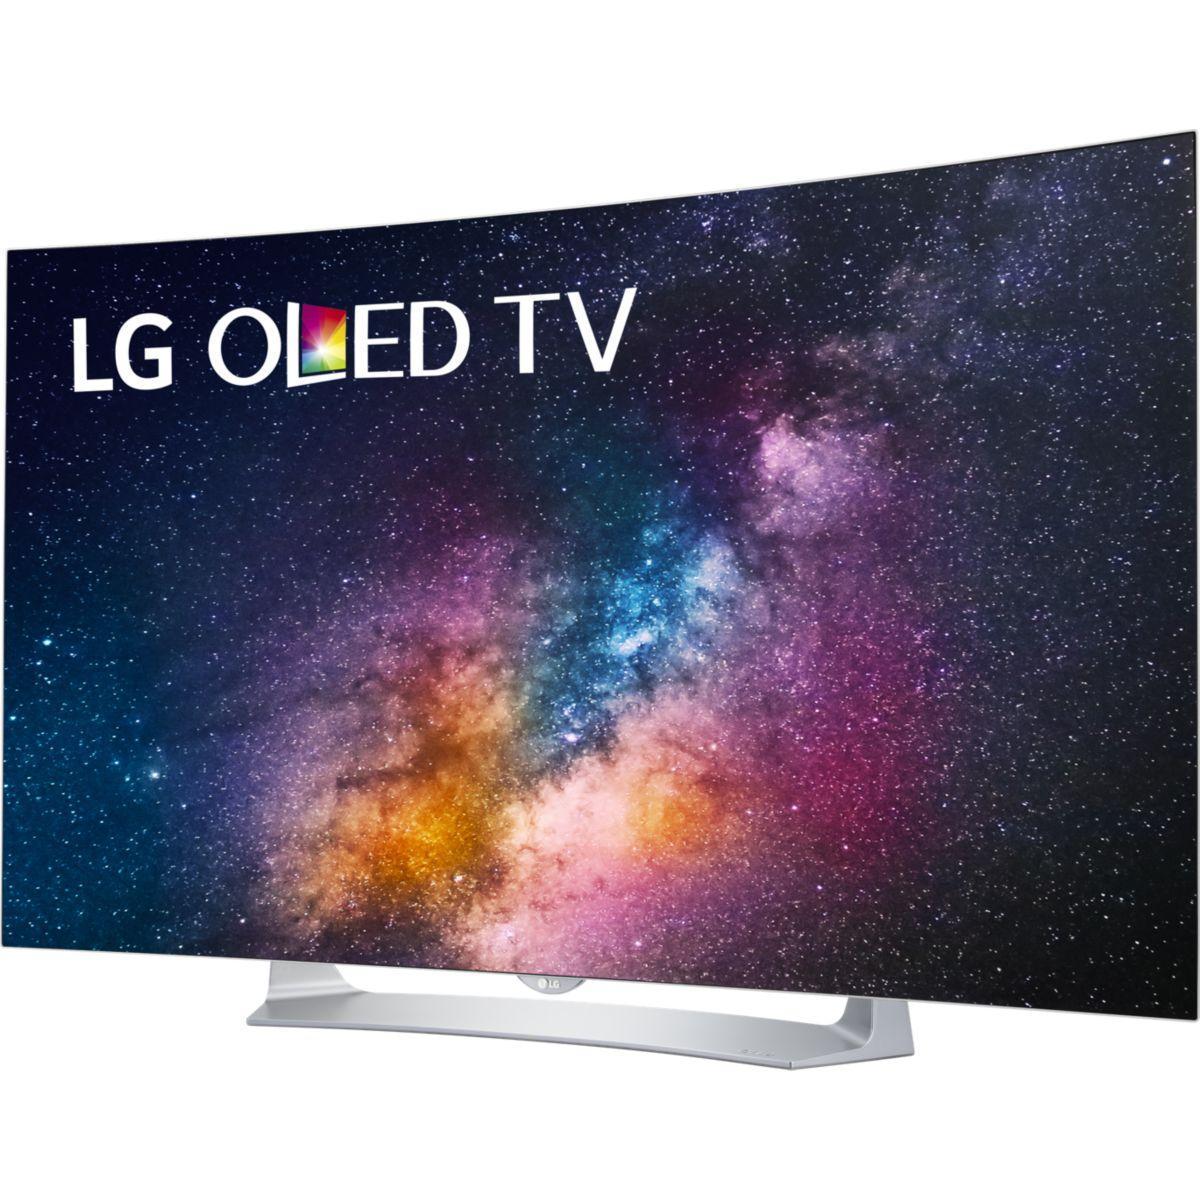 Pack promo tv lg 55eg910v oled incurve + barre de son sonos playbar - livraison offerte : code livtv